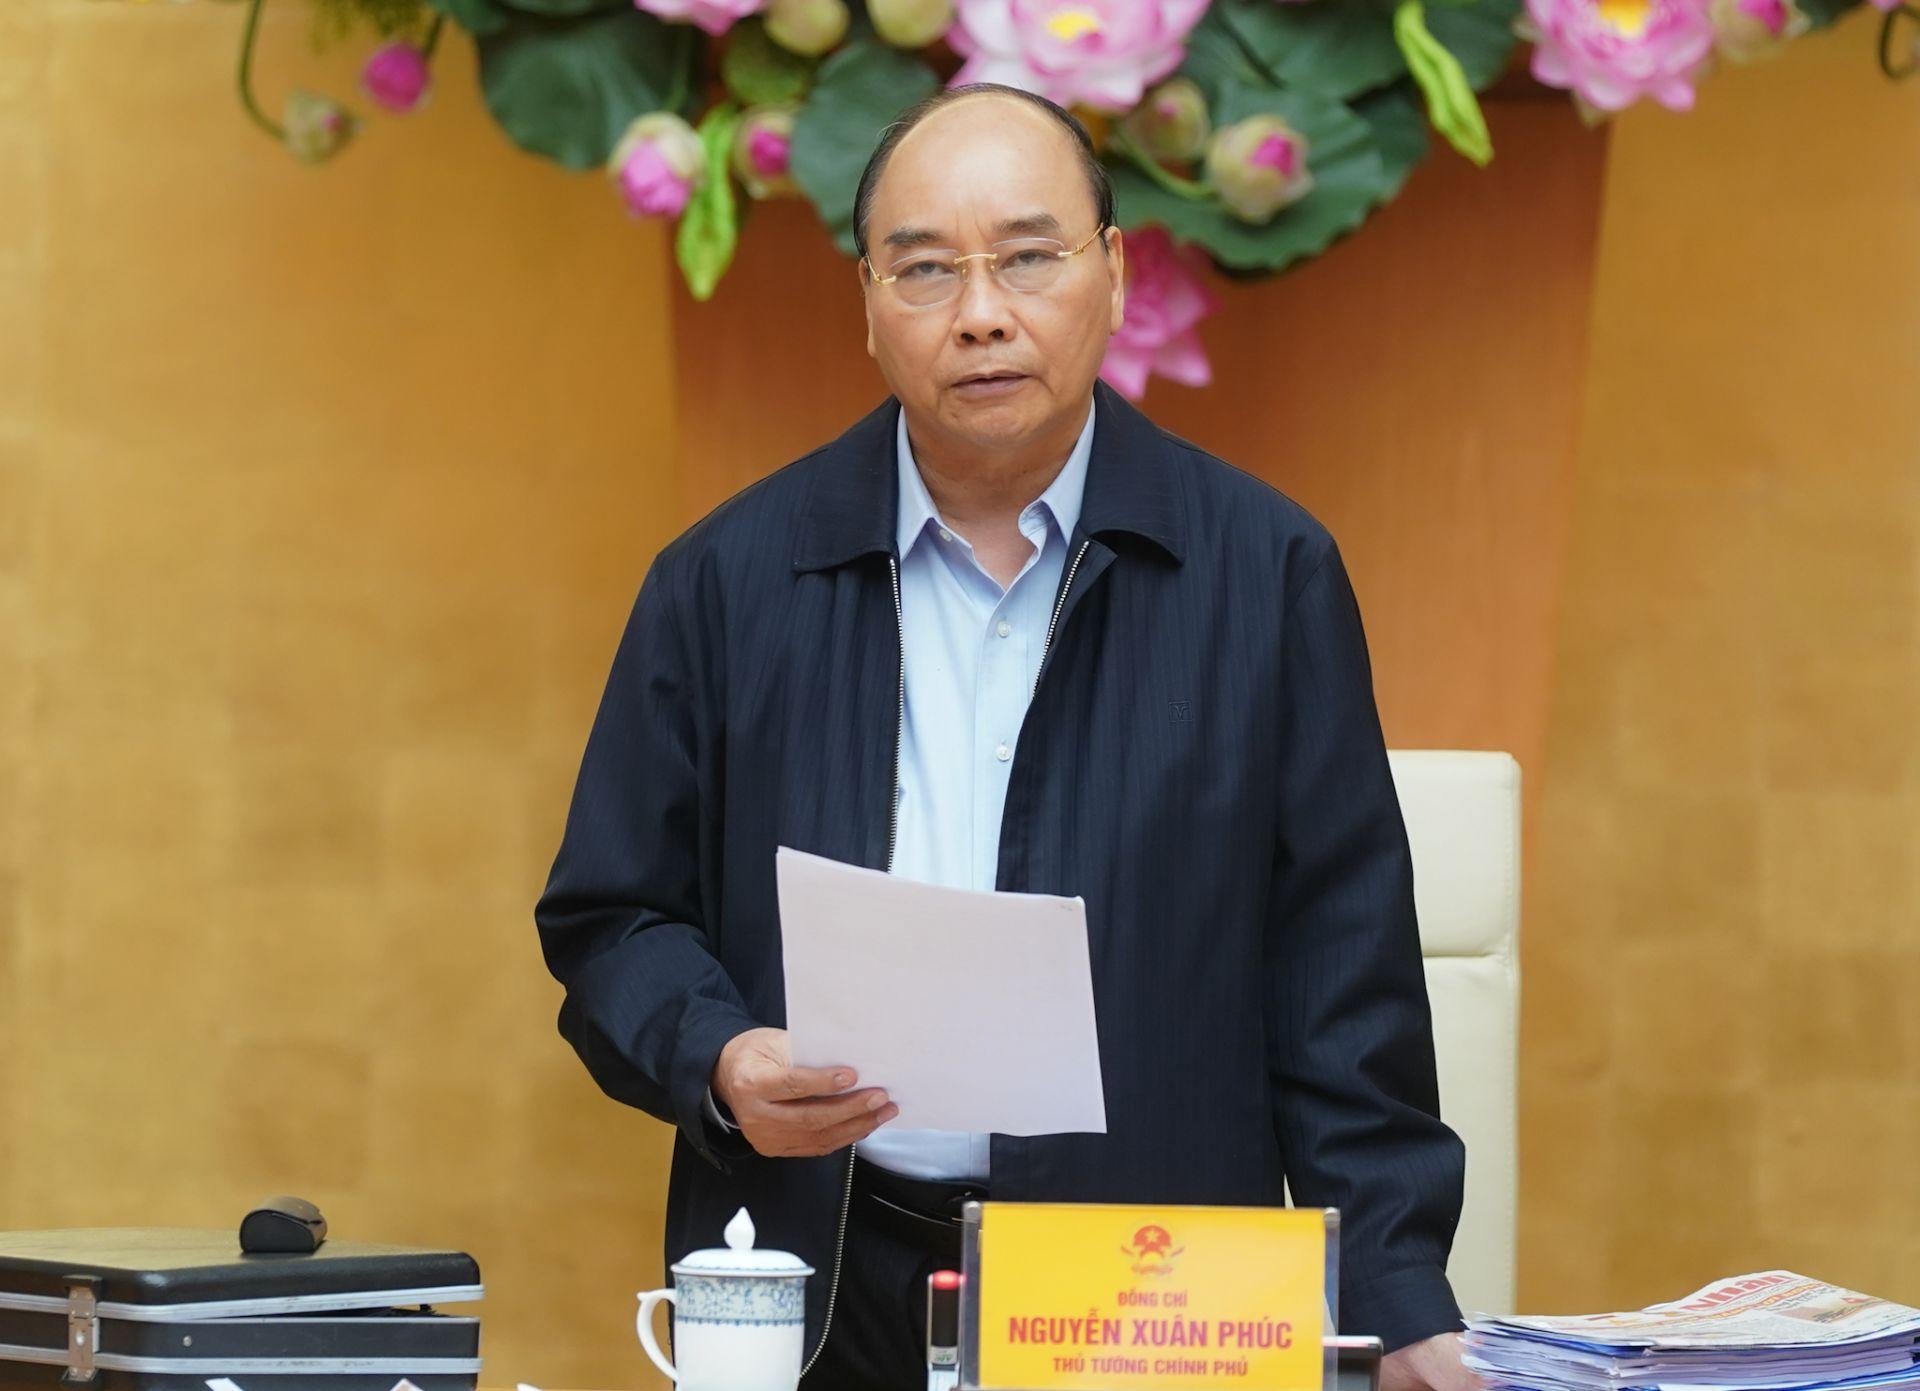 Triển khai Thông báo kết luận số 170/TB-VPCP ngày 28/4/2020 của Thủ tướng Chính phủ.